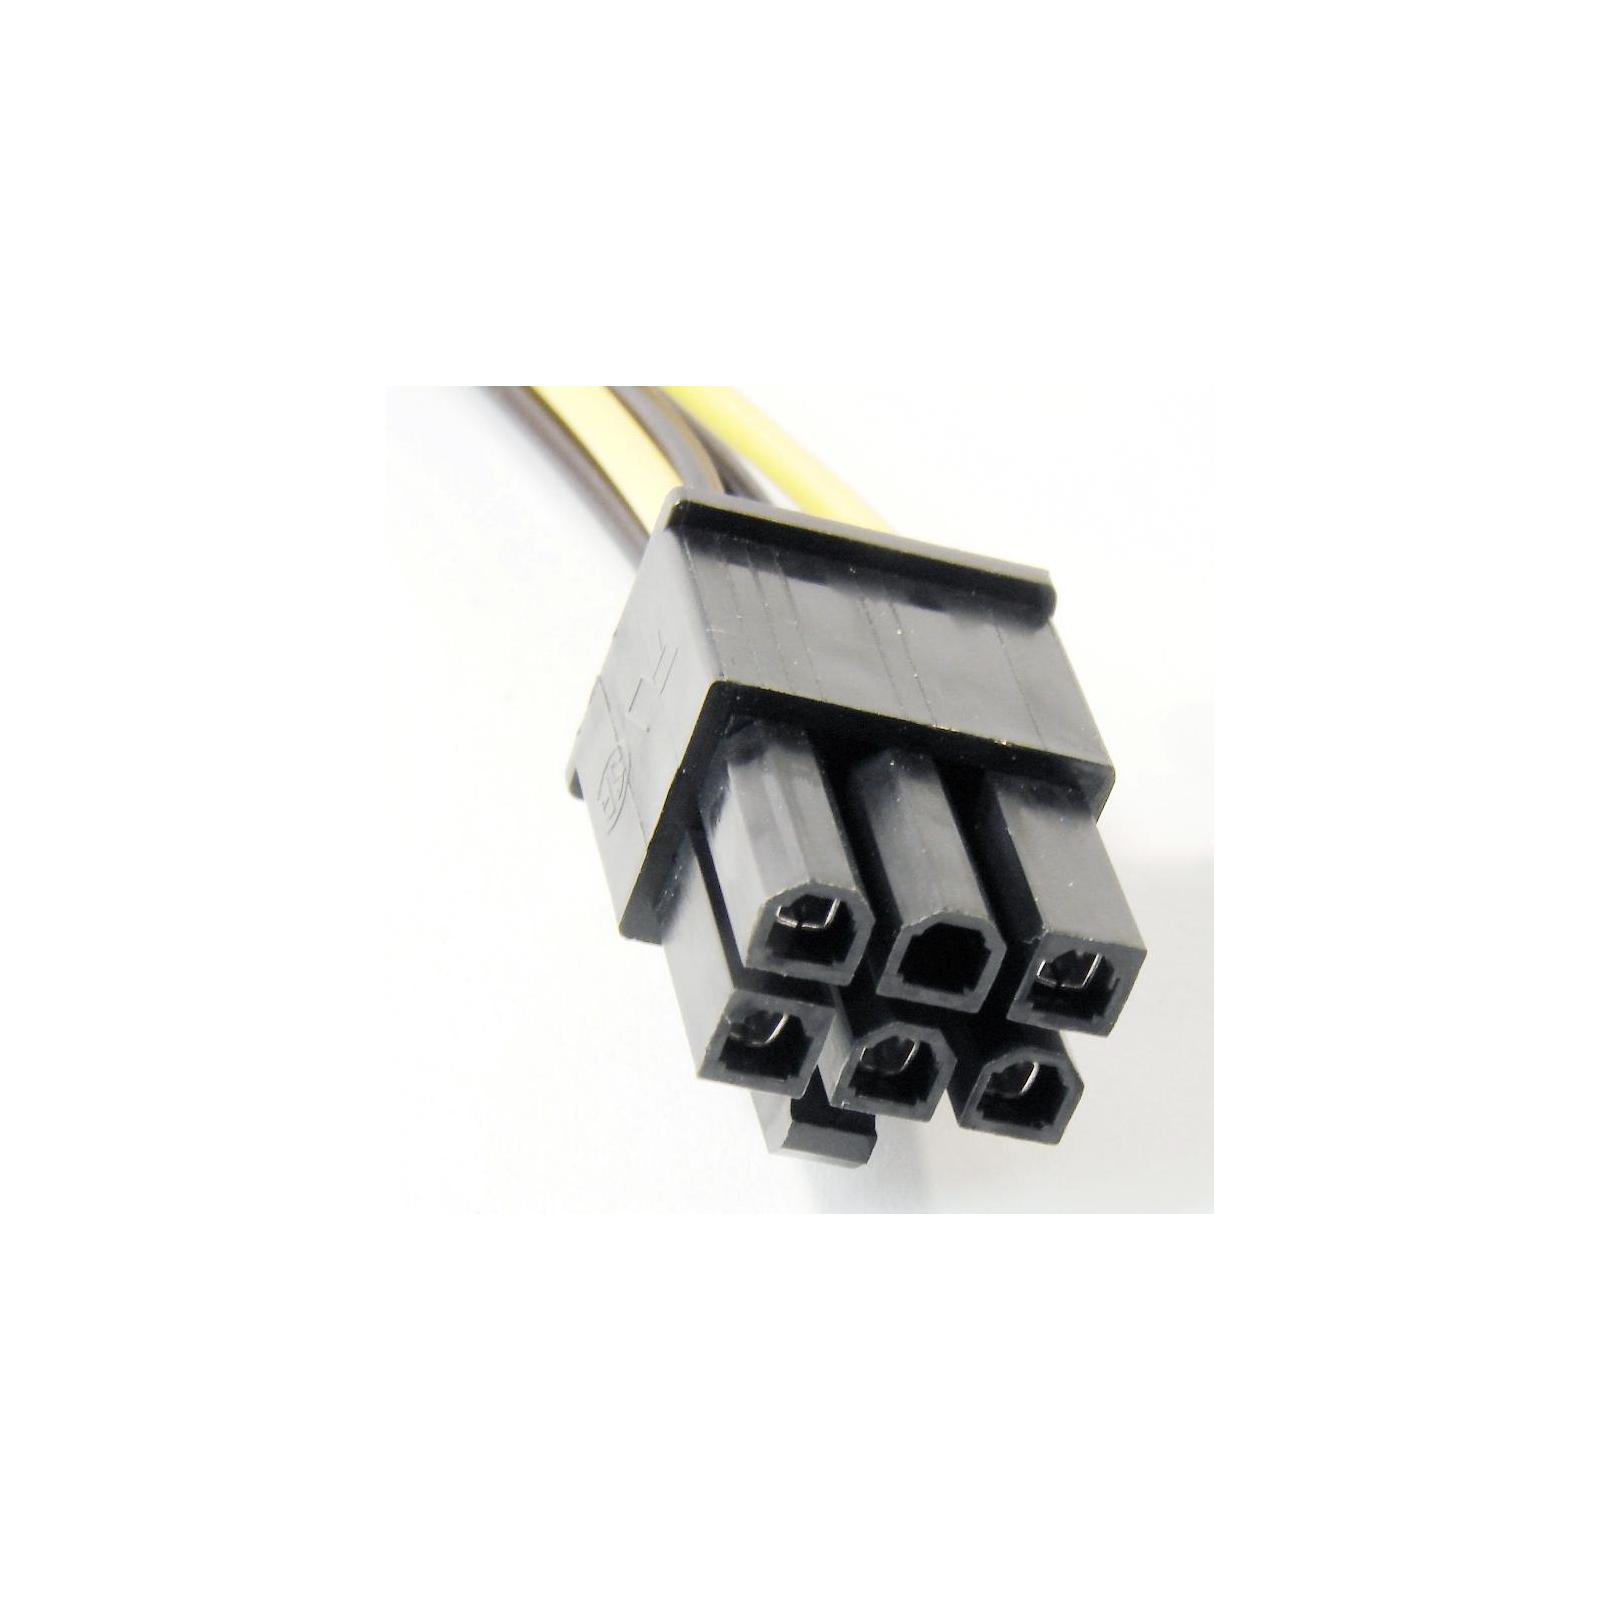 Кабель питания PCI express 6-pin power 0.2m Cablexpert (CC-PSU-SATA) изображение 4